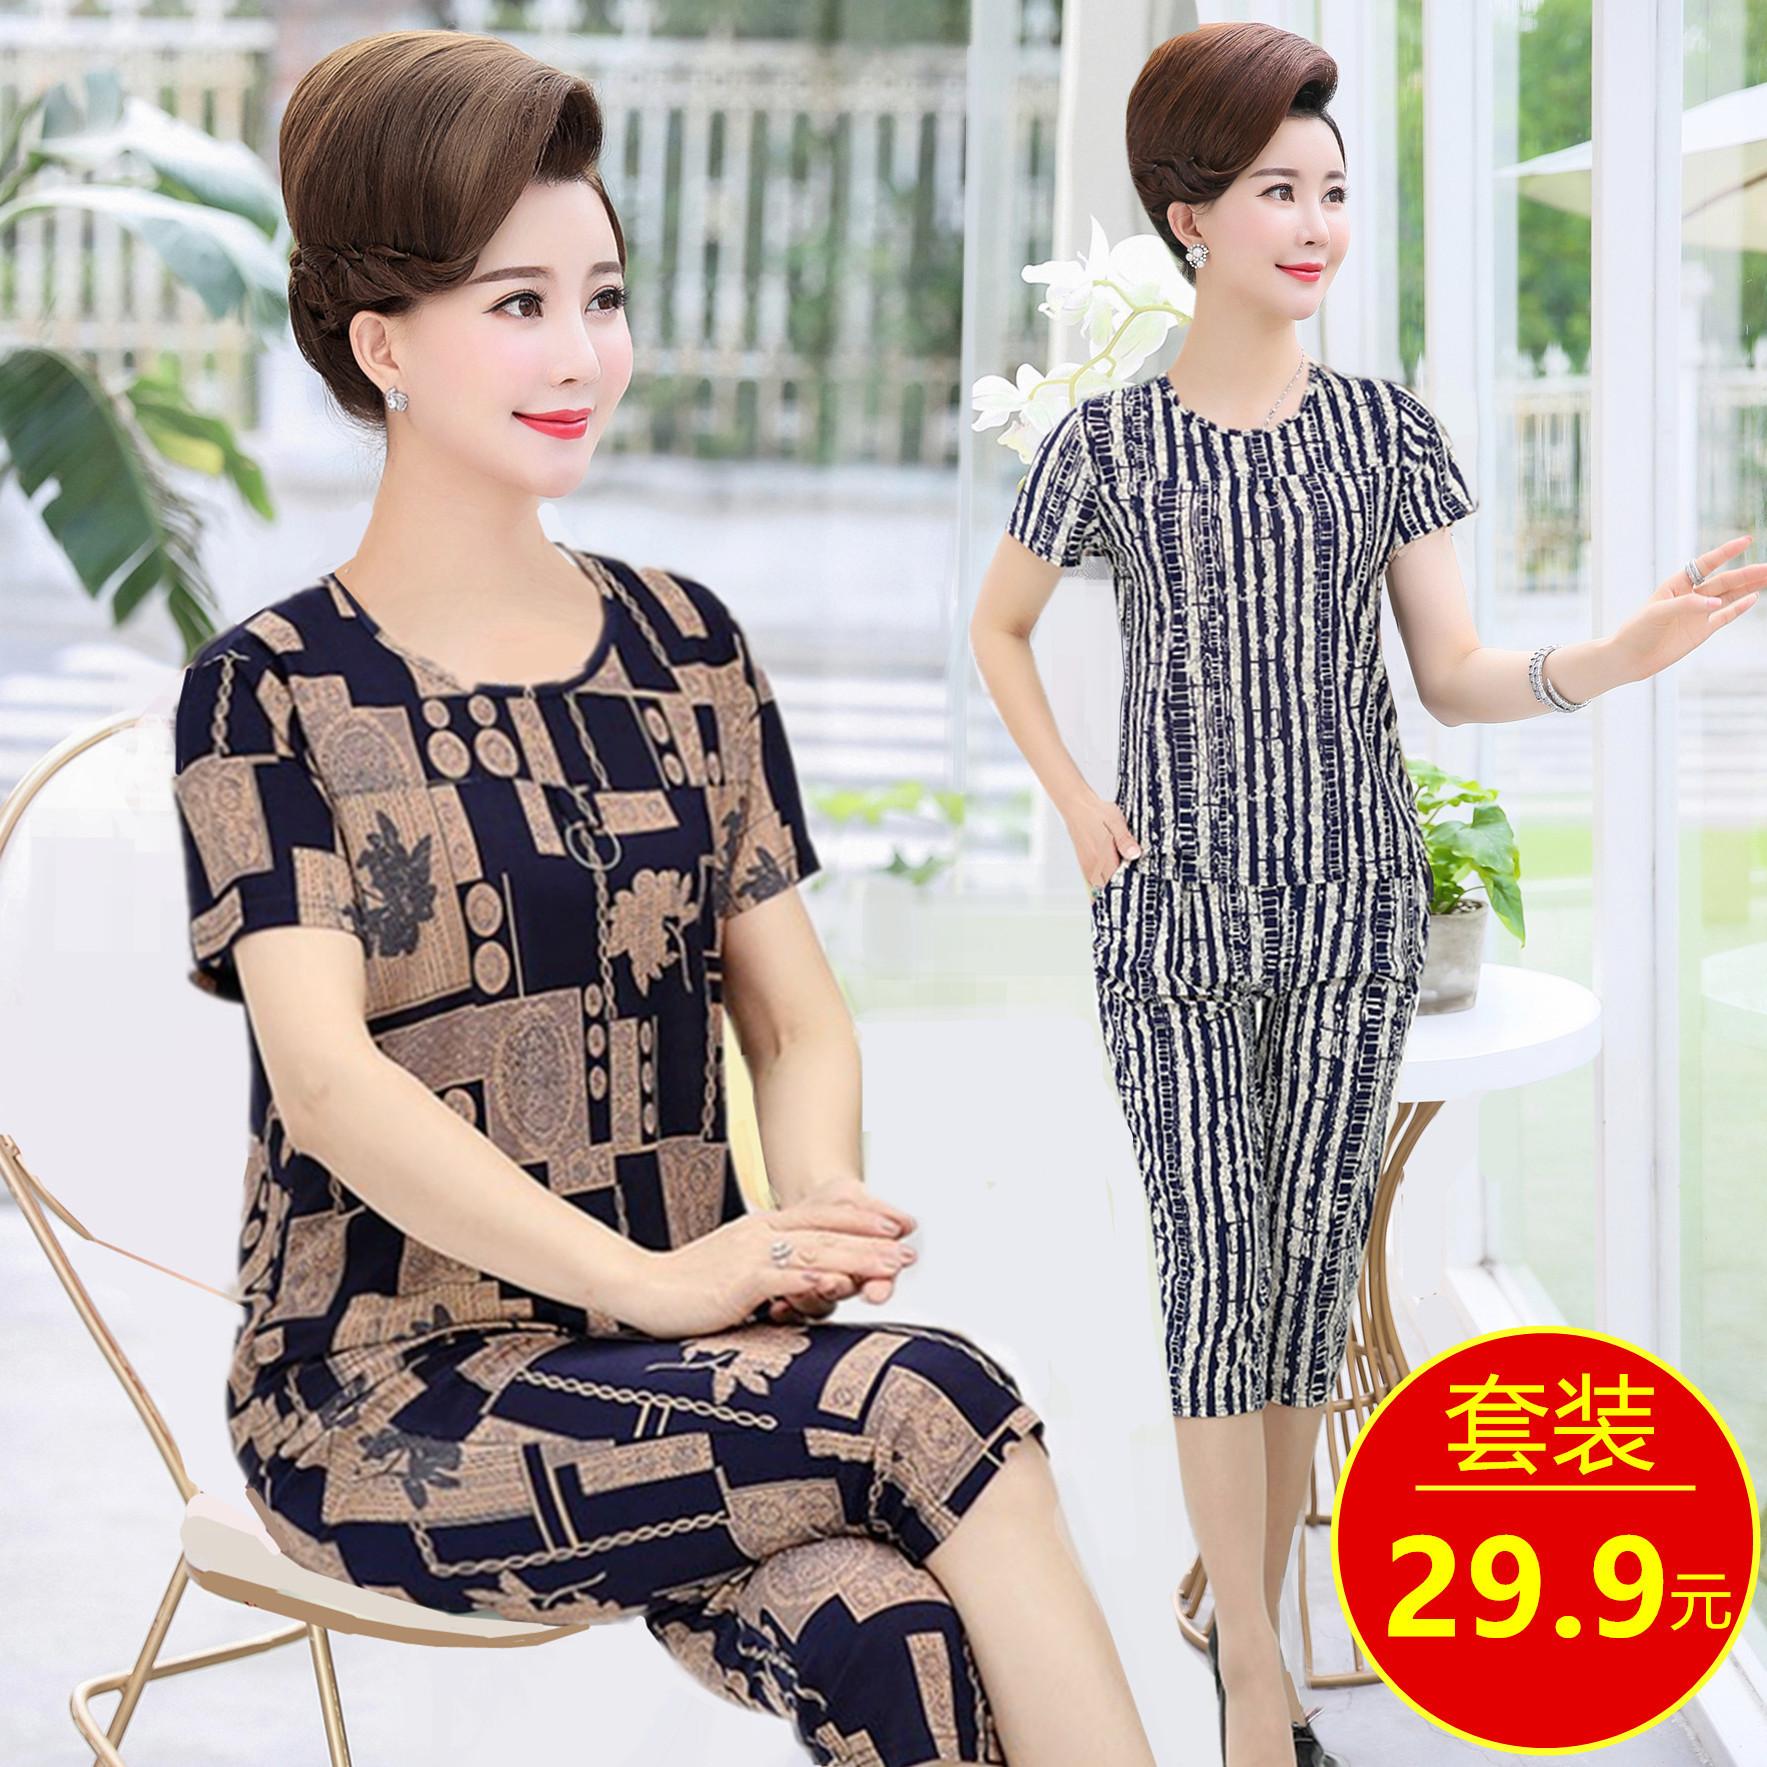 新款40-50岁人夏季冰丝T恤上衣中老年女装两件套妈妈夏装短袖套装